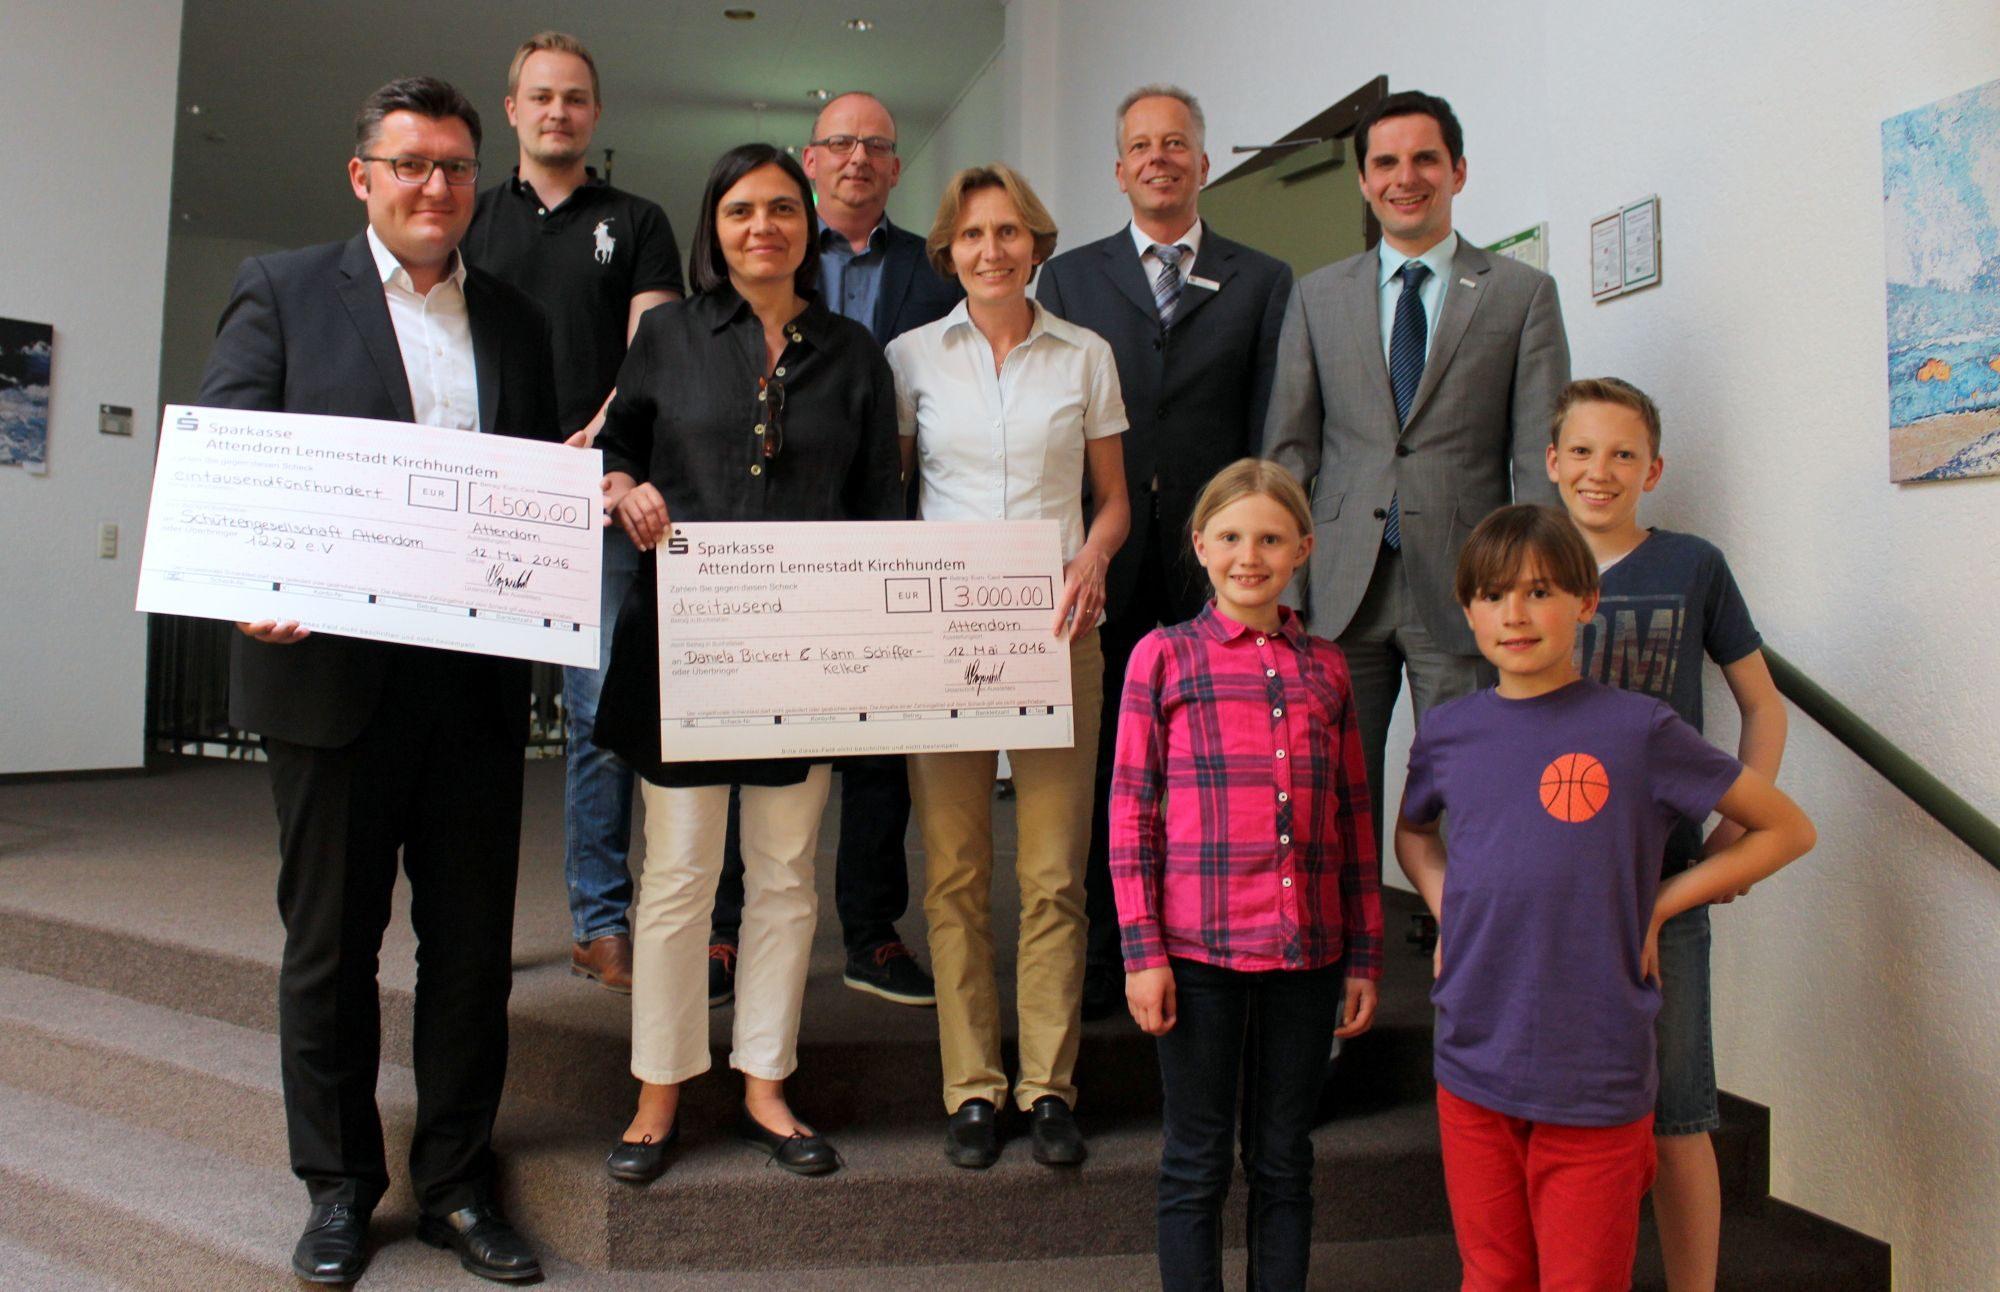 Sie freuten sich über das großzügige Preisgeld, überreicht von Bürgermeister Christian Pospischil und dem Baudezernenten Carsten Graumann (hinten rechts): (v.l.) stellvertretend für die Schützengesellschaft Attendorn 1222 e.V. Sascha Koch, Marius Hengstebeck und Thomas Wacker sowie die weiteren Preisträgerinnen Karin Schiffer-Kelker und Daniela Bickert mit den Kindern Marleen Bickert, Noël Kelker und Finn Bickert. Auf dem Bild fehlt Preisträger Lars Plugge.